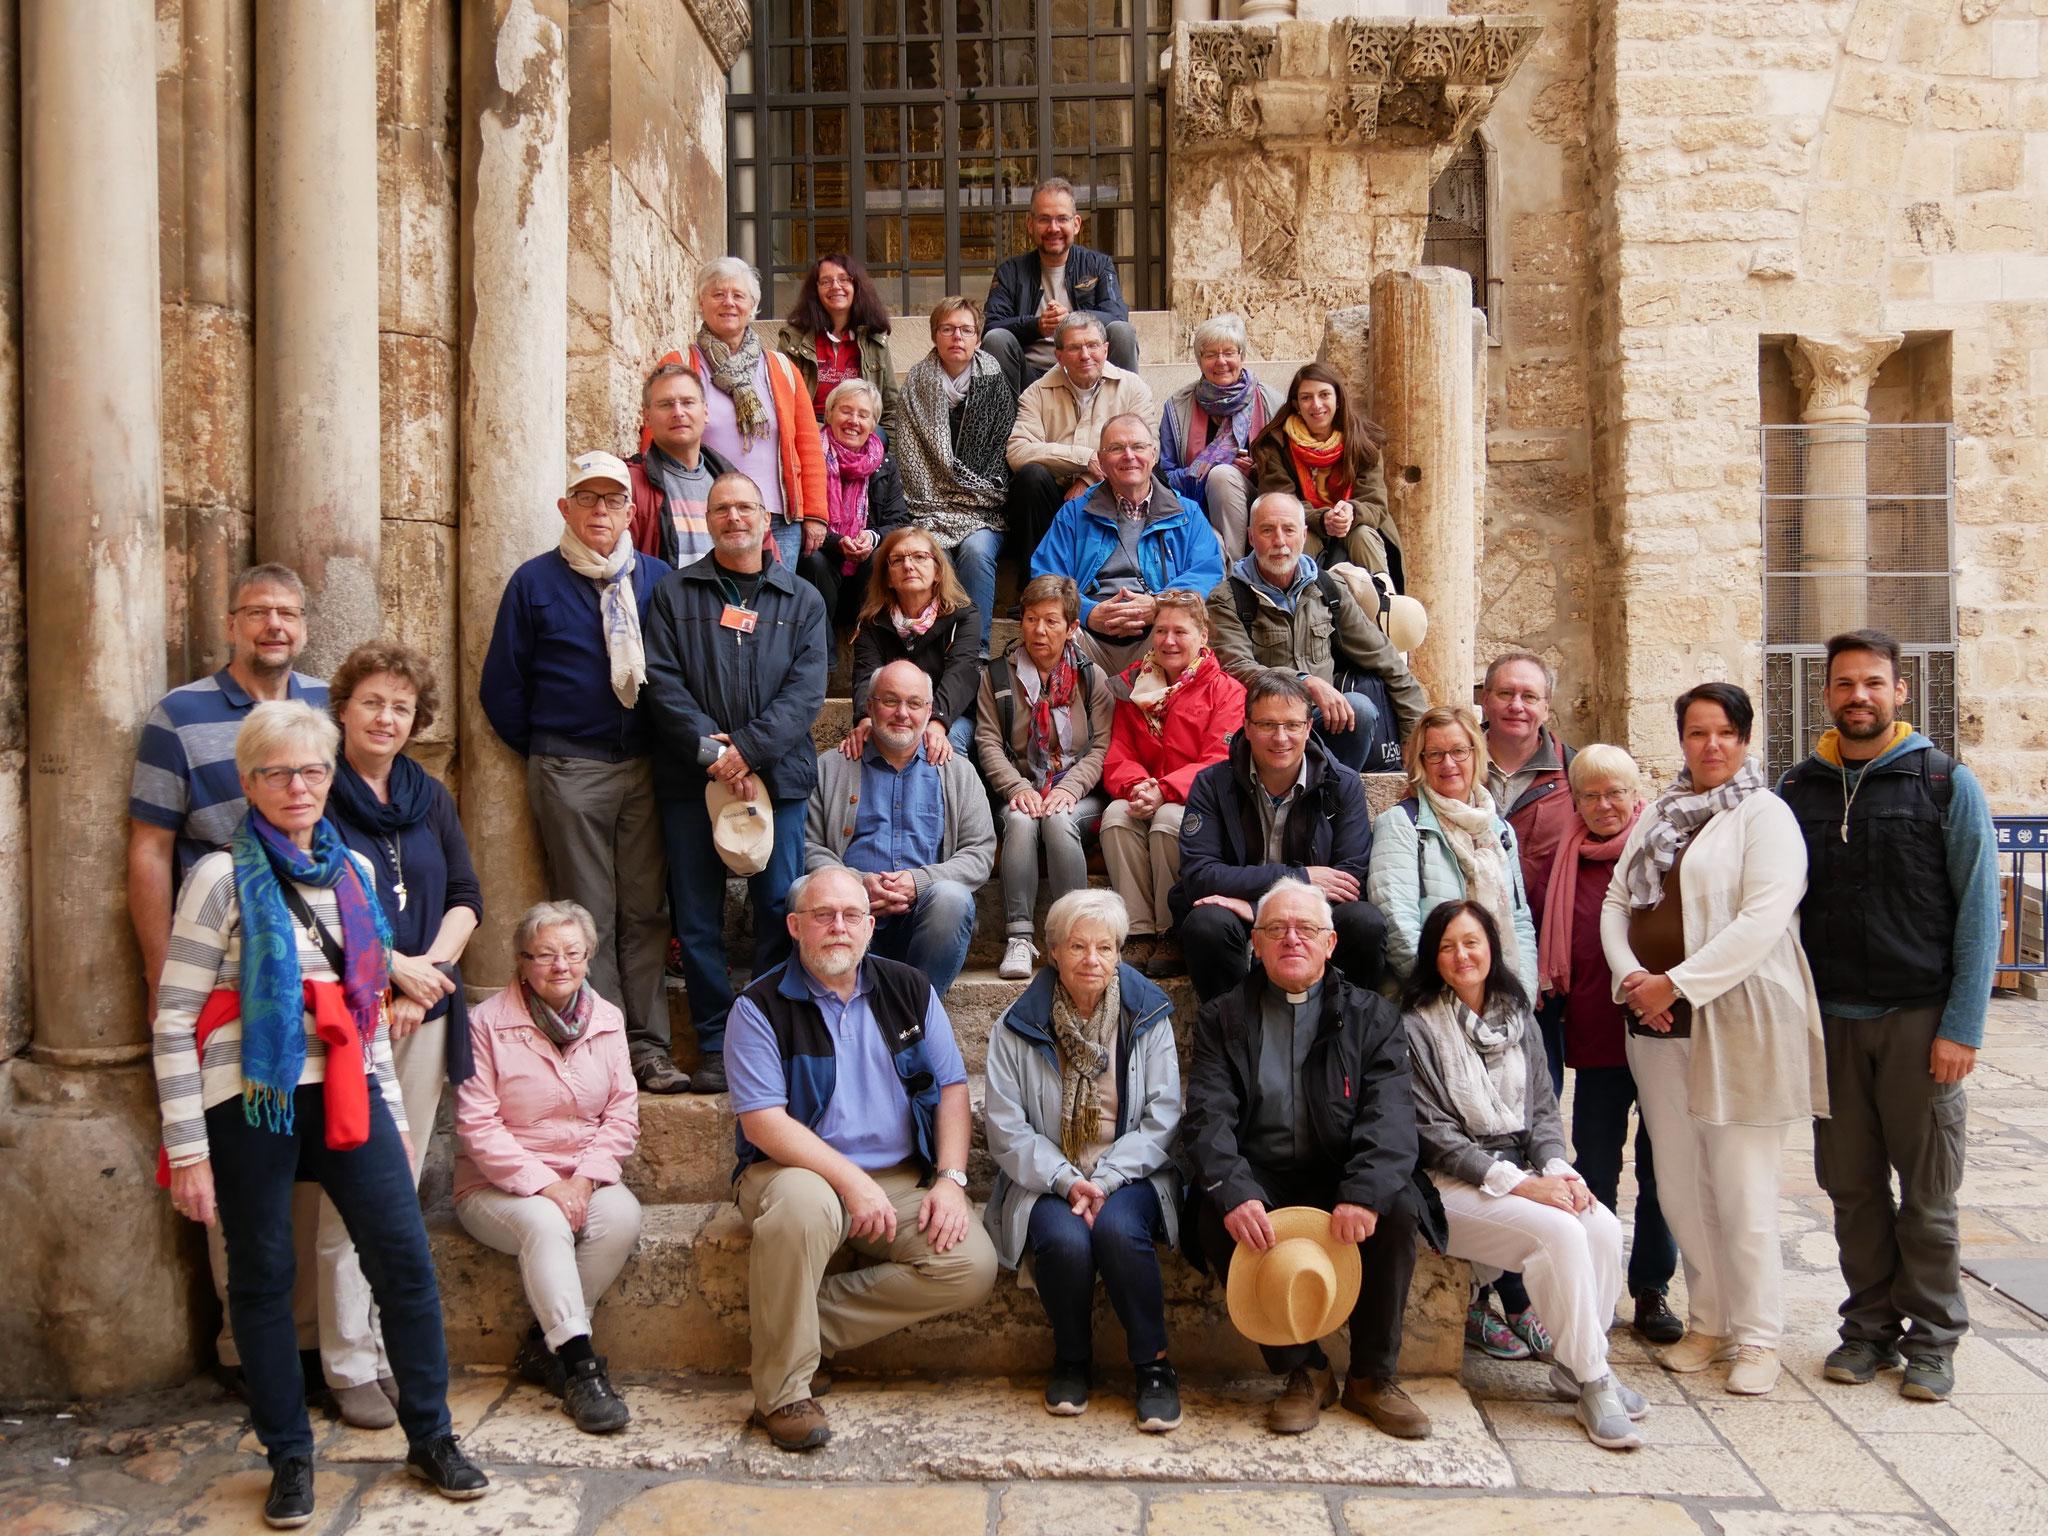 Gruppenfoto vor der Grabeskirche